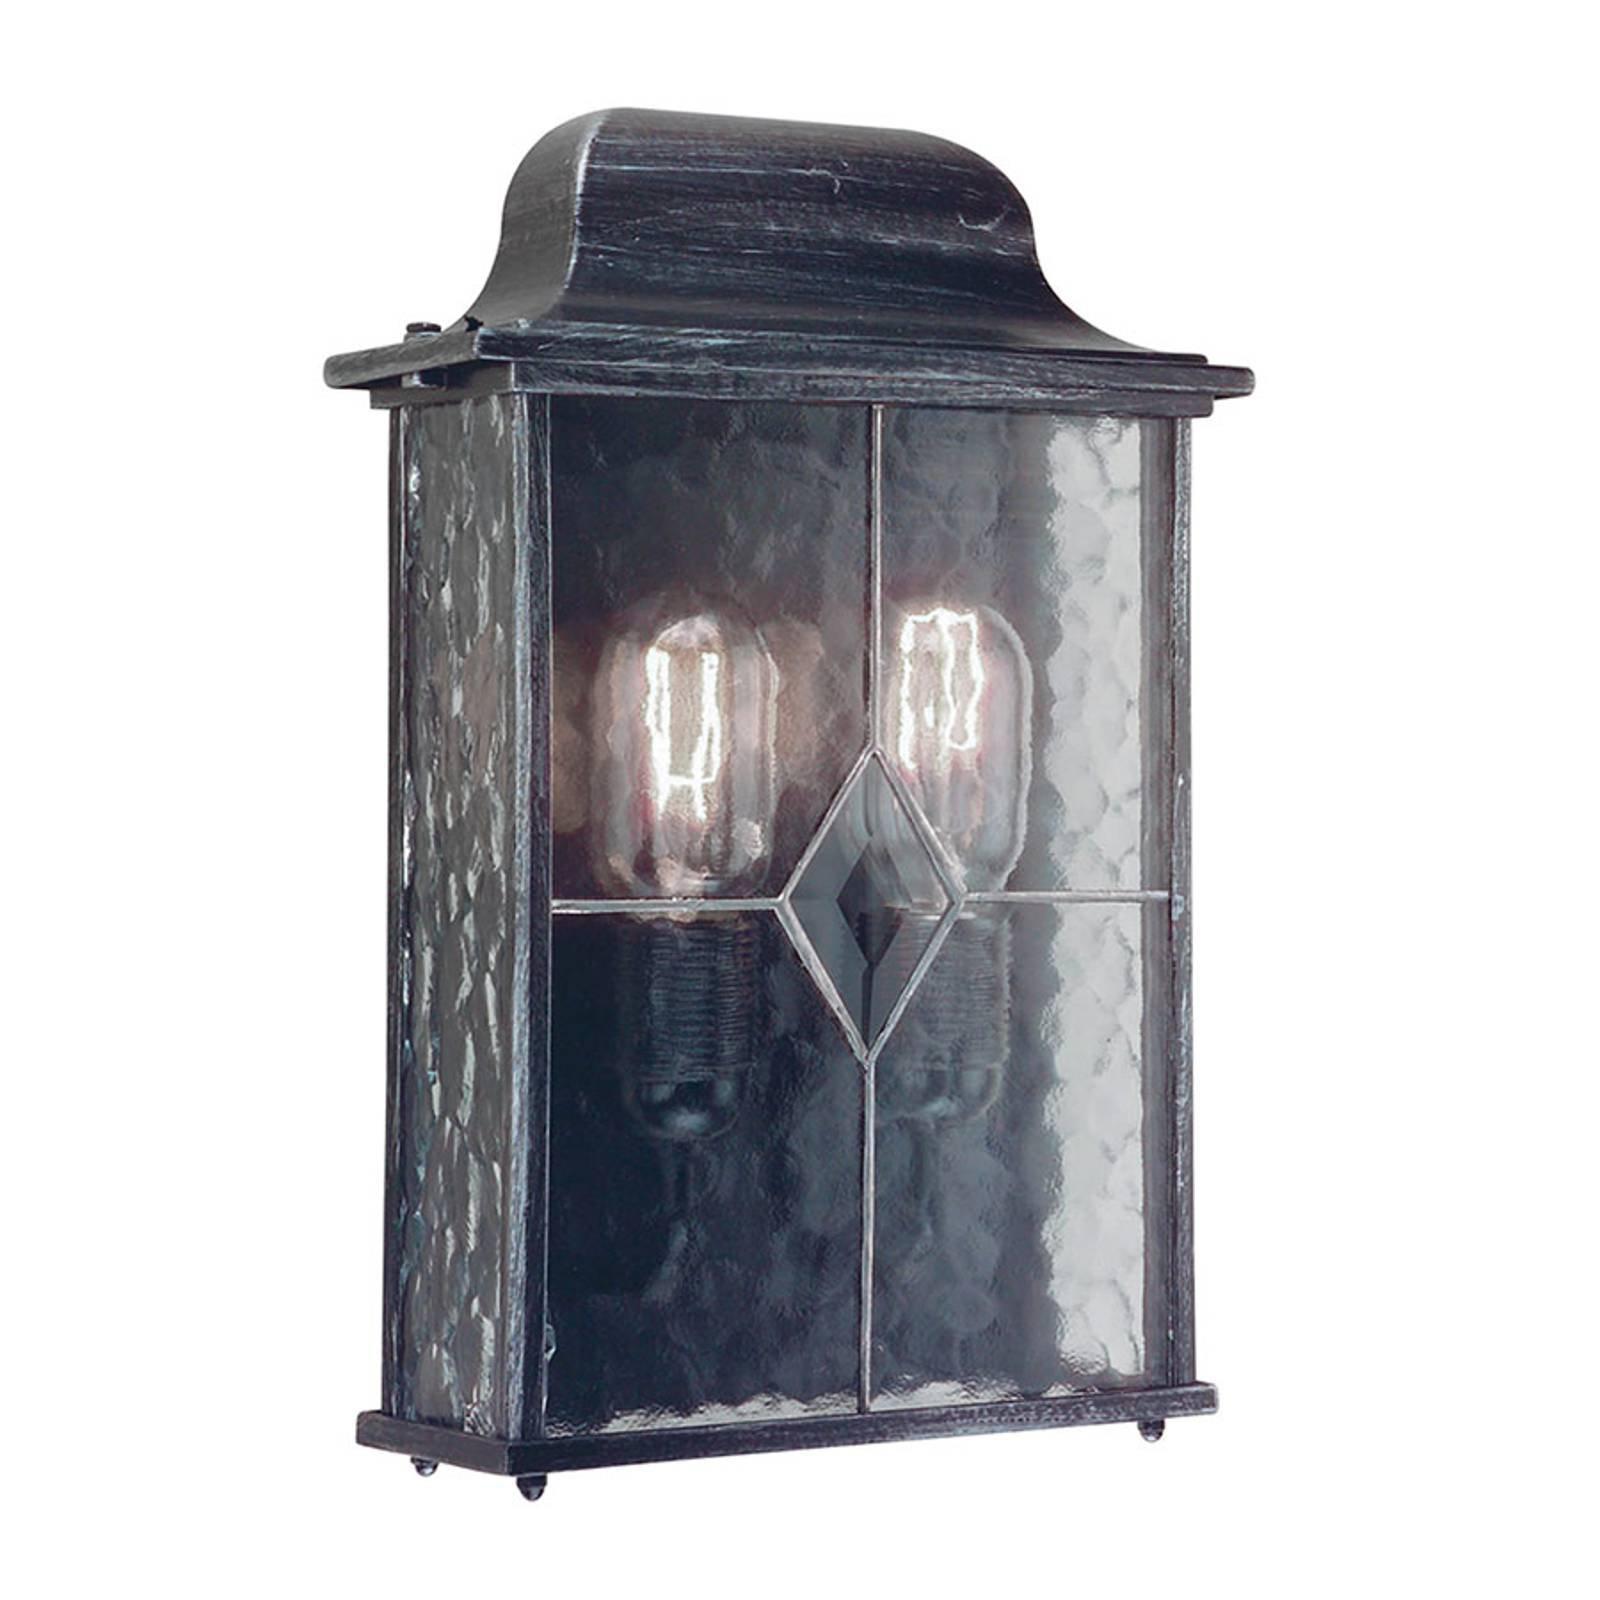 Vegglampe Wexford WX7, halv lykt